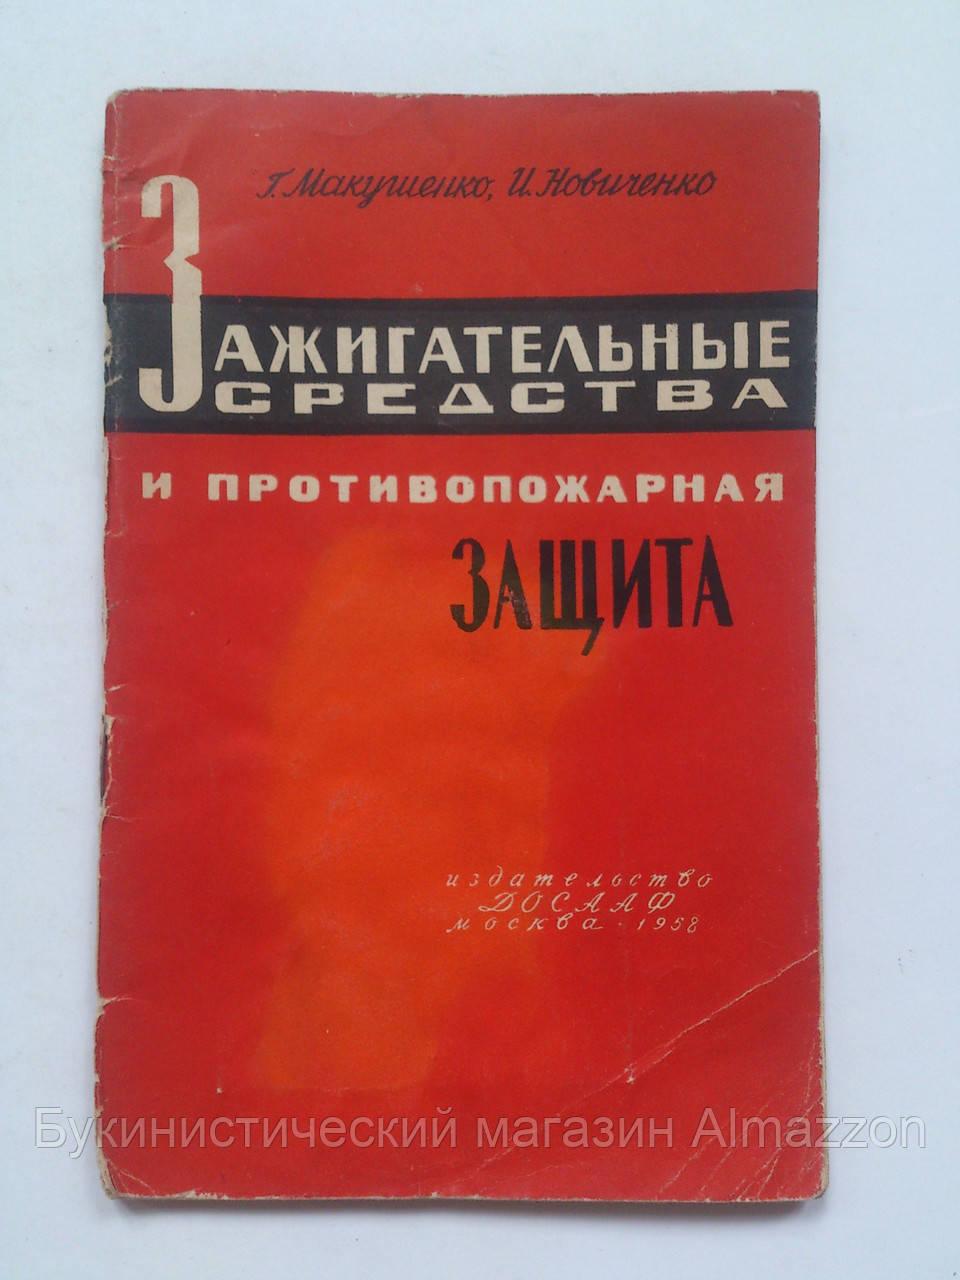 Зажигательные средства и противопожарная защита Г.Макушенко ДОСААФ 1958 год